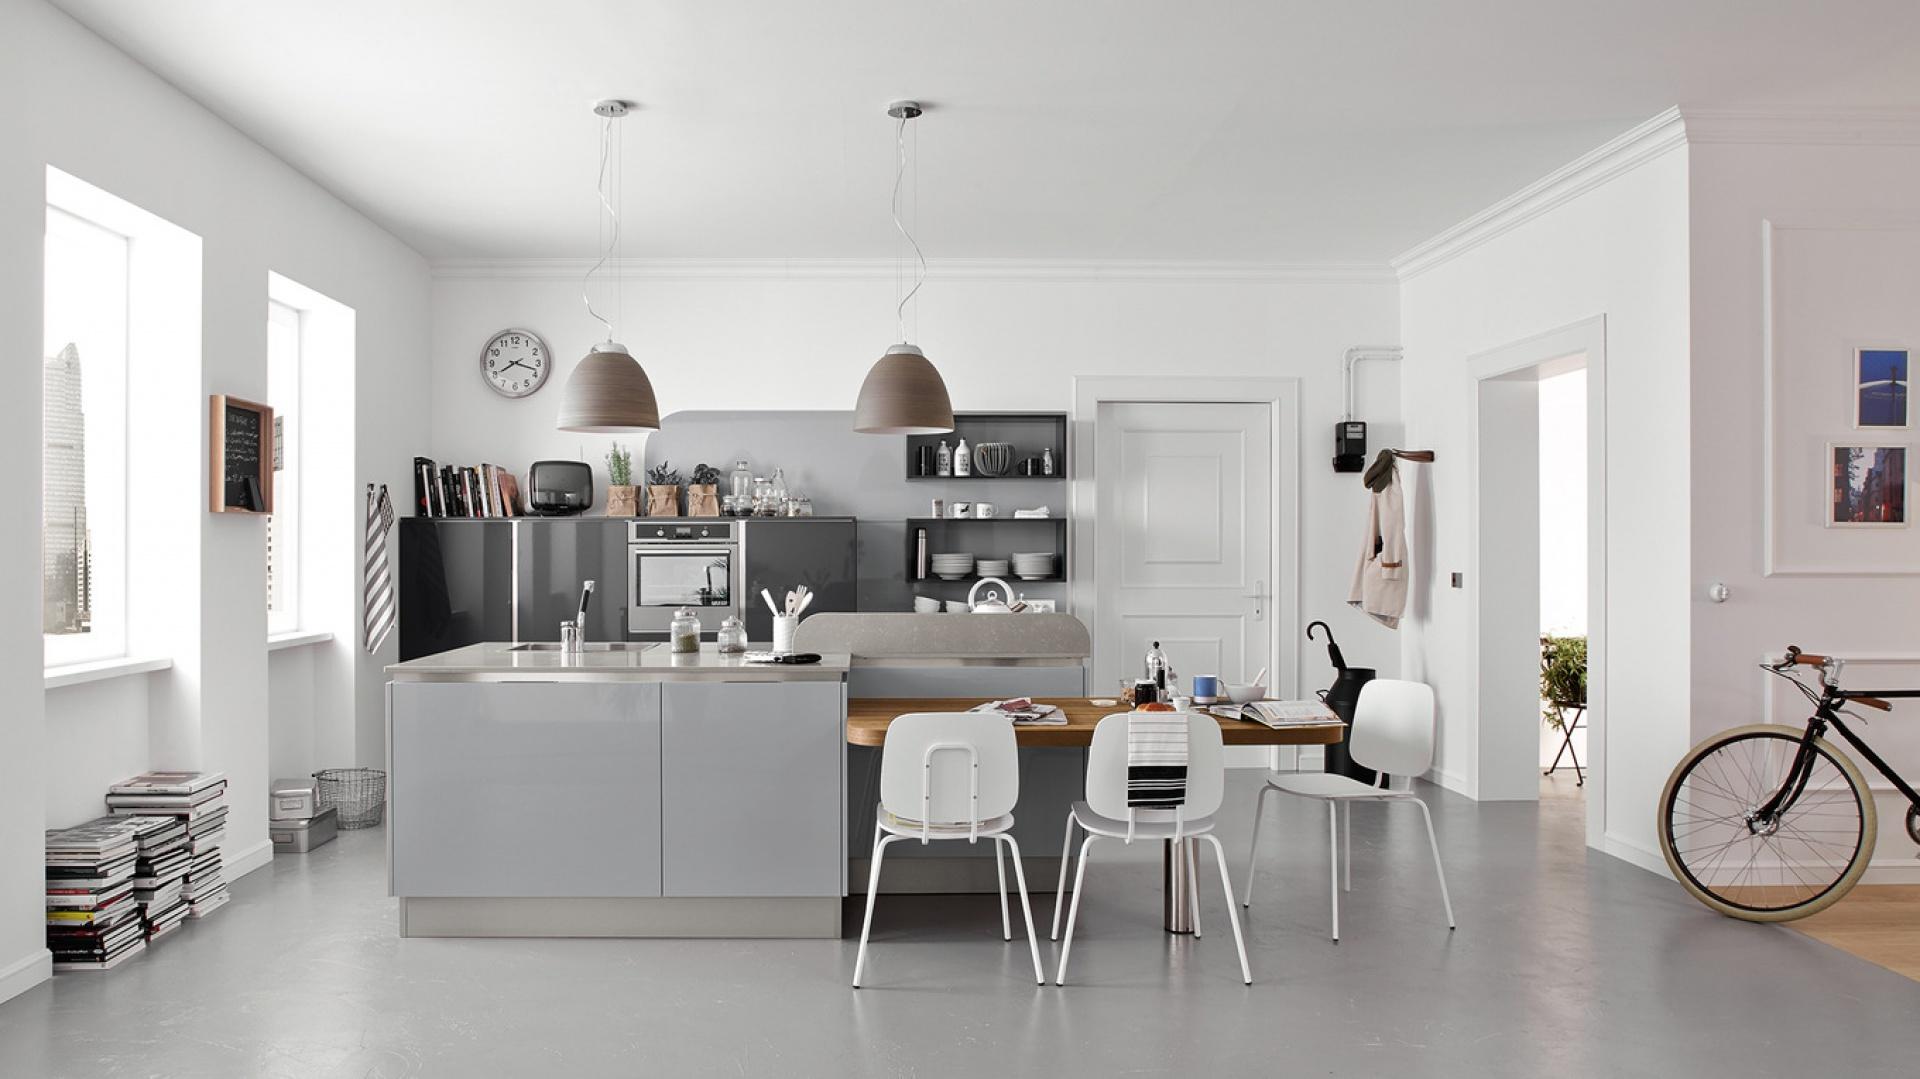 Meble kuchenne dost pne w kuchnia z wysp najciekawsze propozycje producent w strona 4 - Veneta cucine forum ...